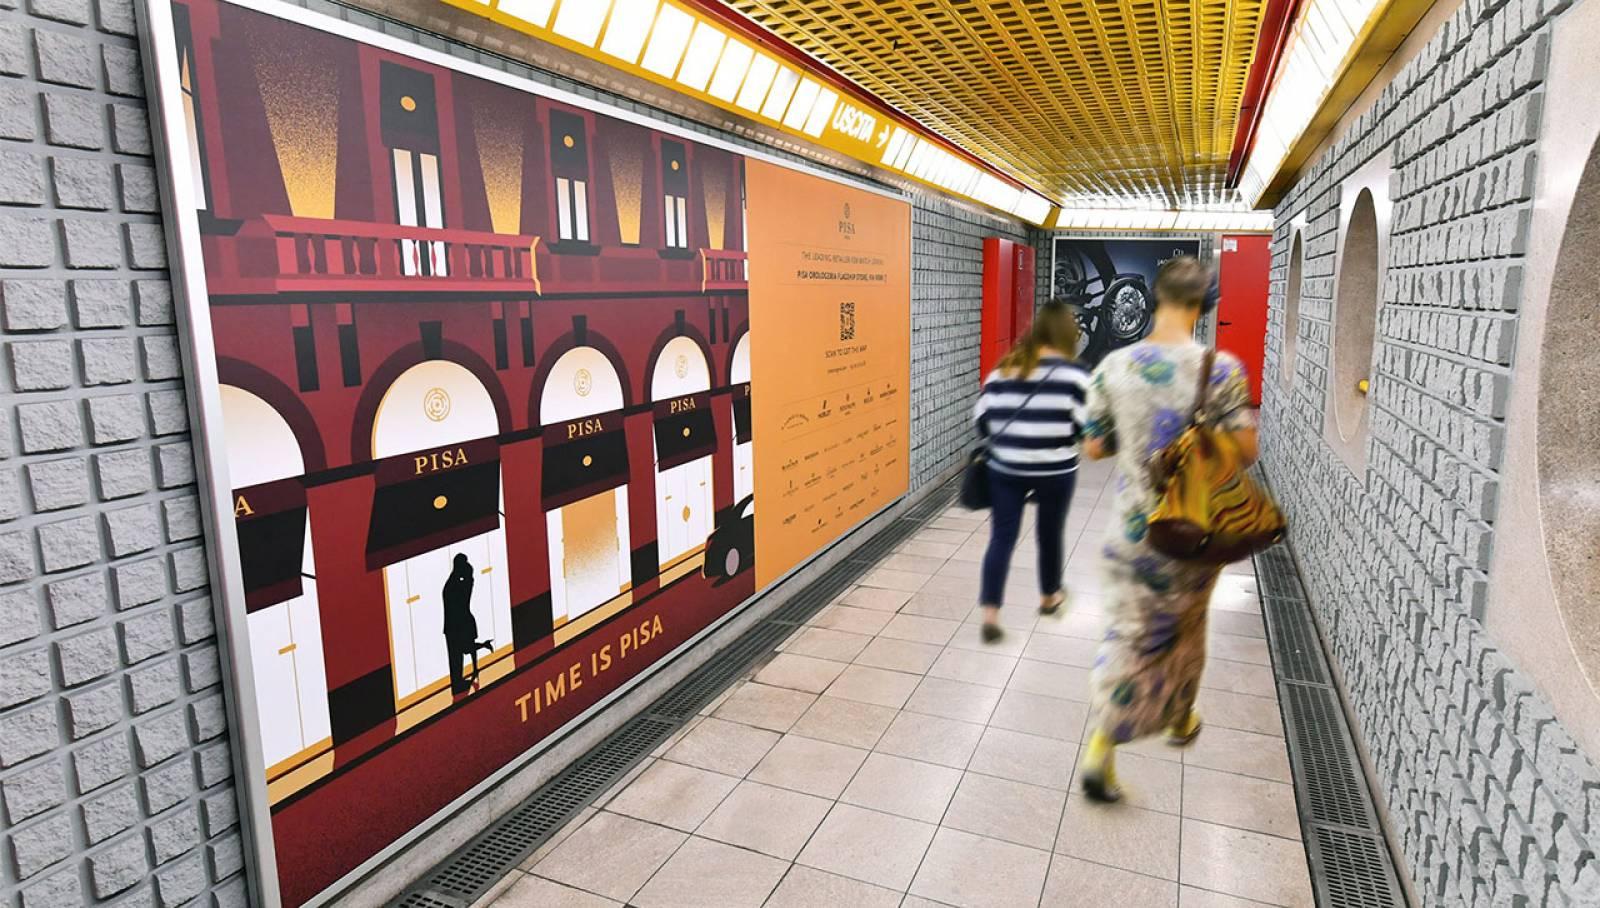 Comunicazione esterna IGPDecaux Station Domination a Milano per Pisa Orologeria